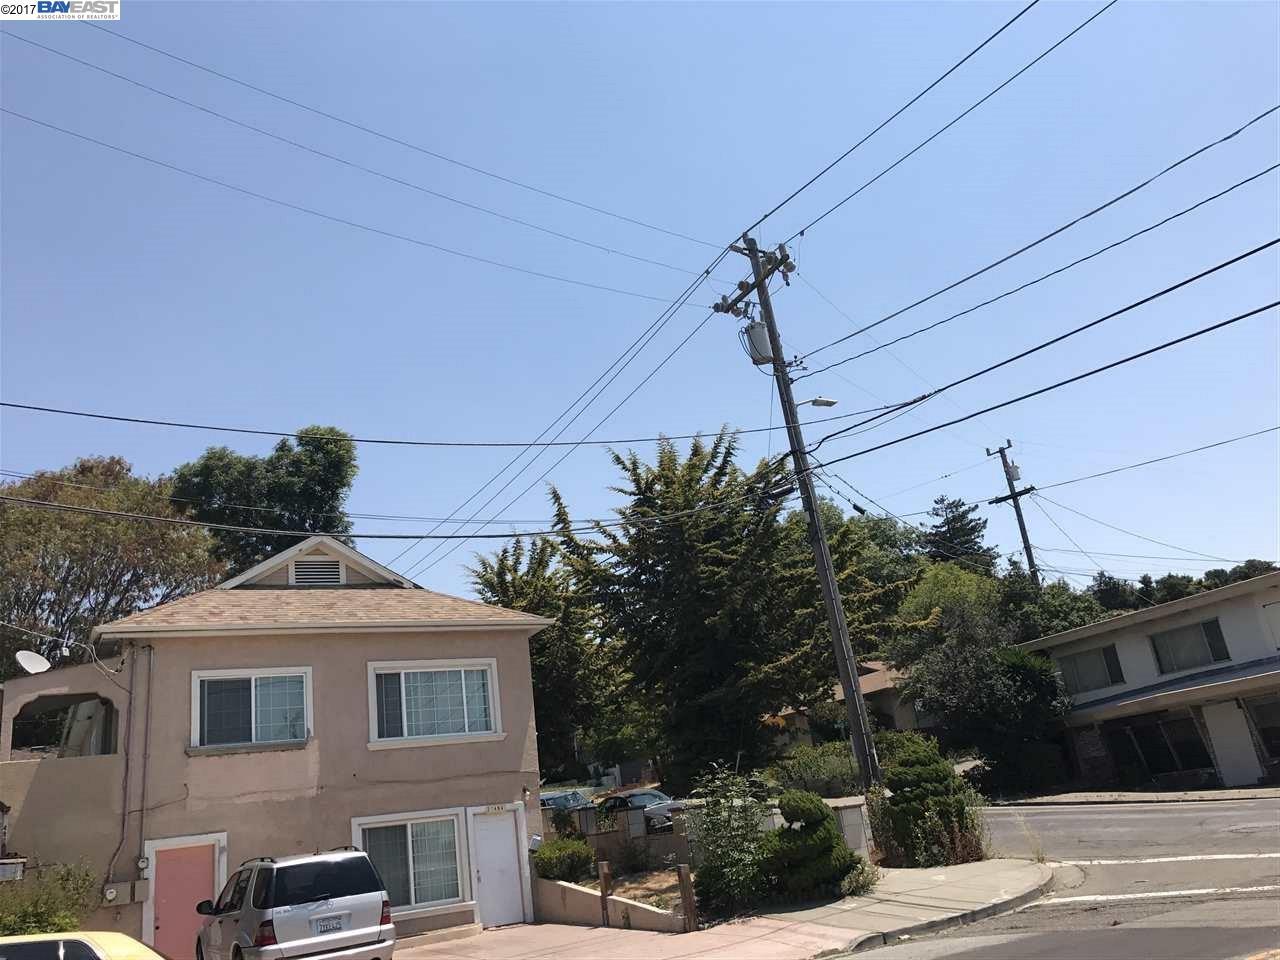 二世帯住宅 のために 売買 アット 21498 OAK STREET 21498 OAK STREET Hayward, カリフォルニア 94546 アメリカ合衆国